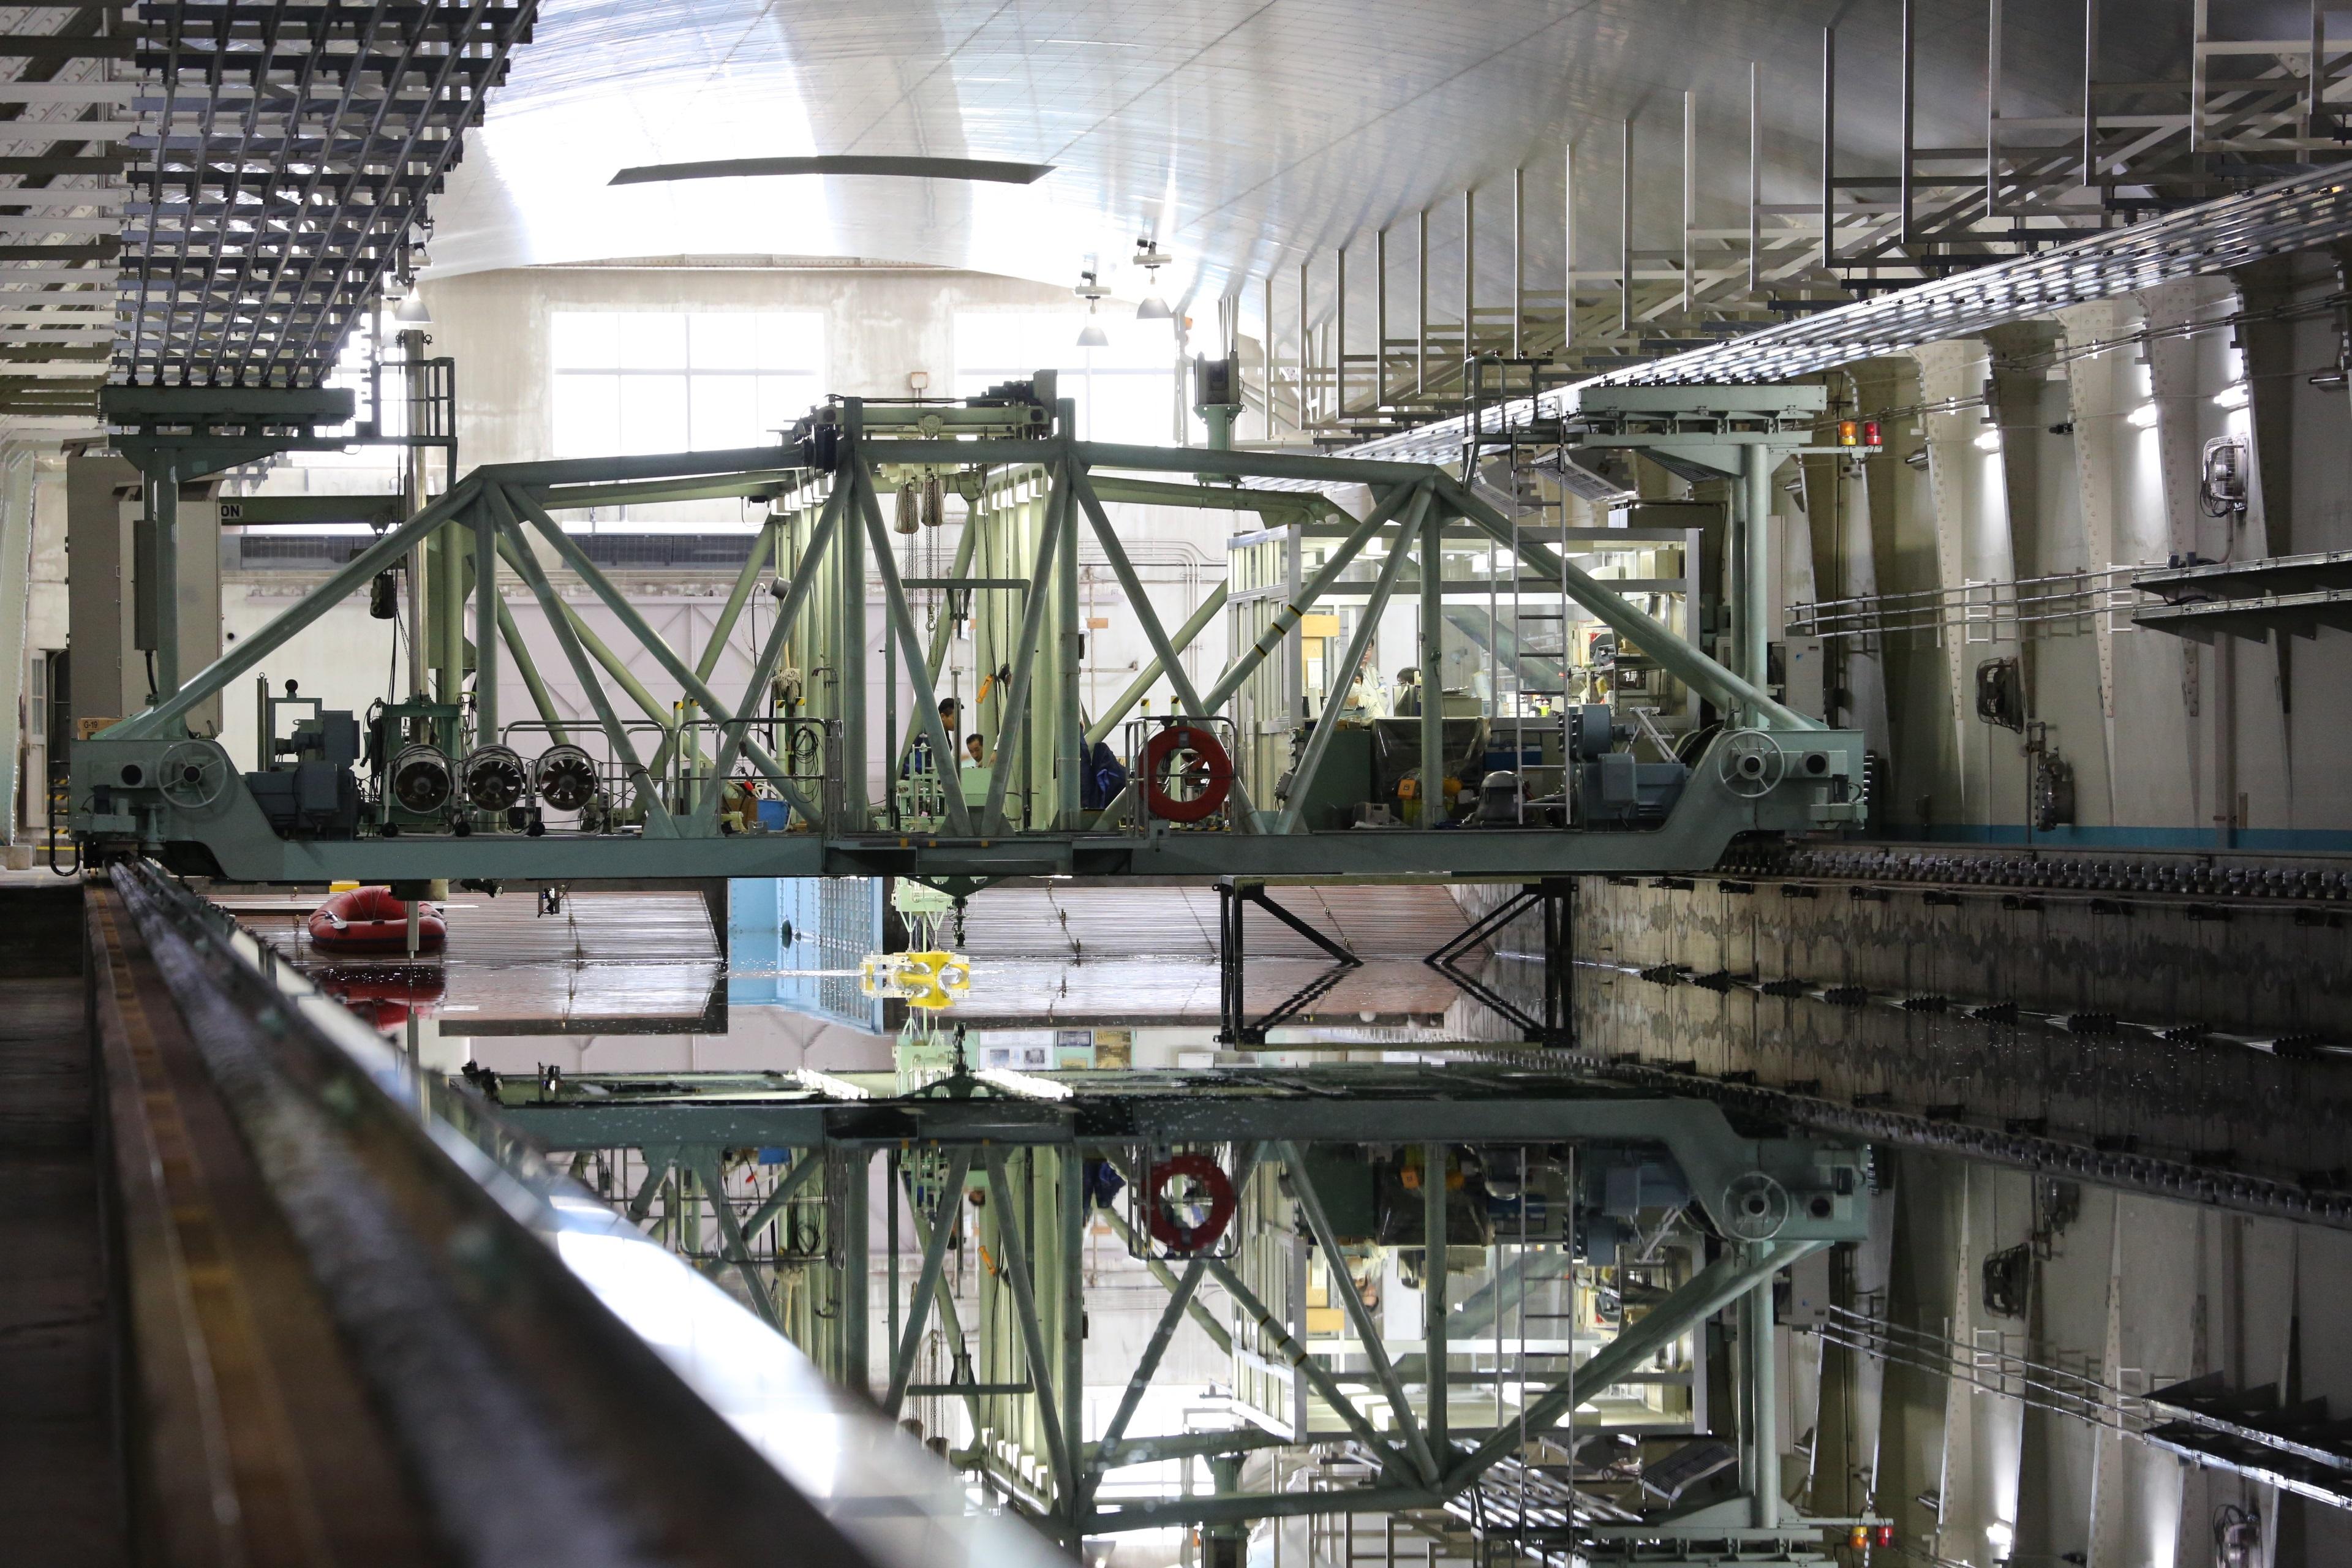 防衛装備庁 : 艦艇装備研究所